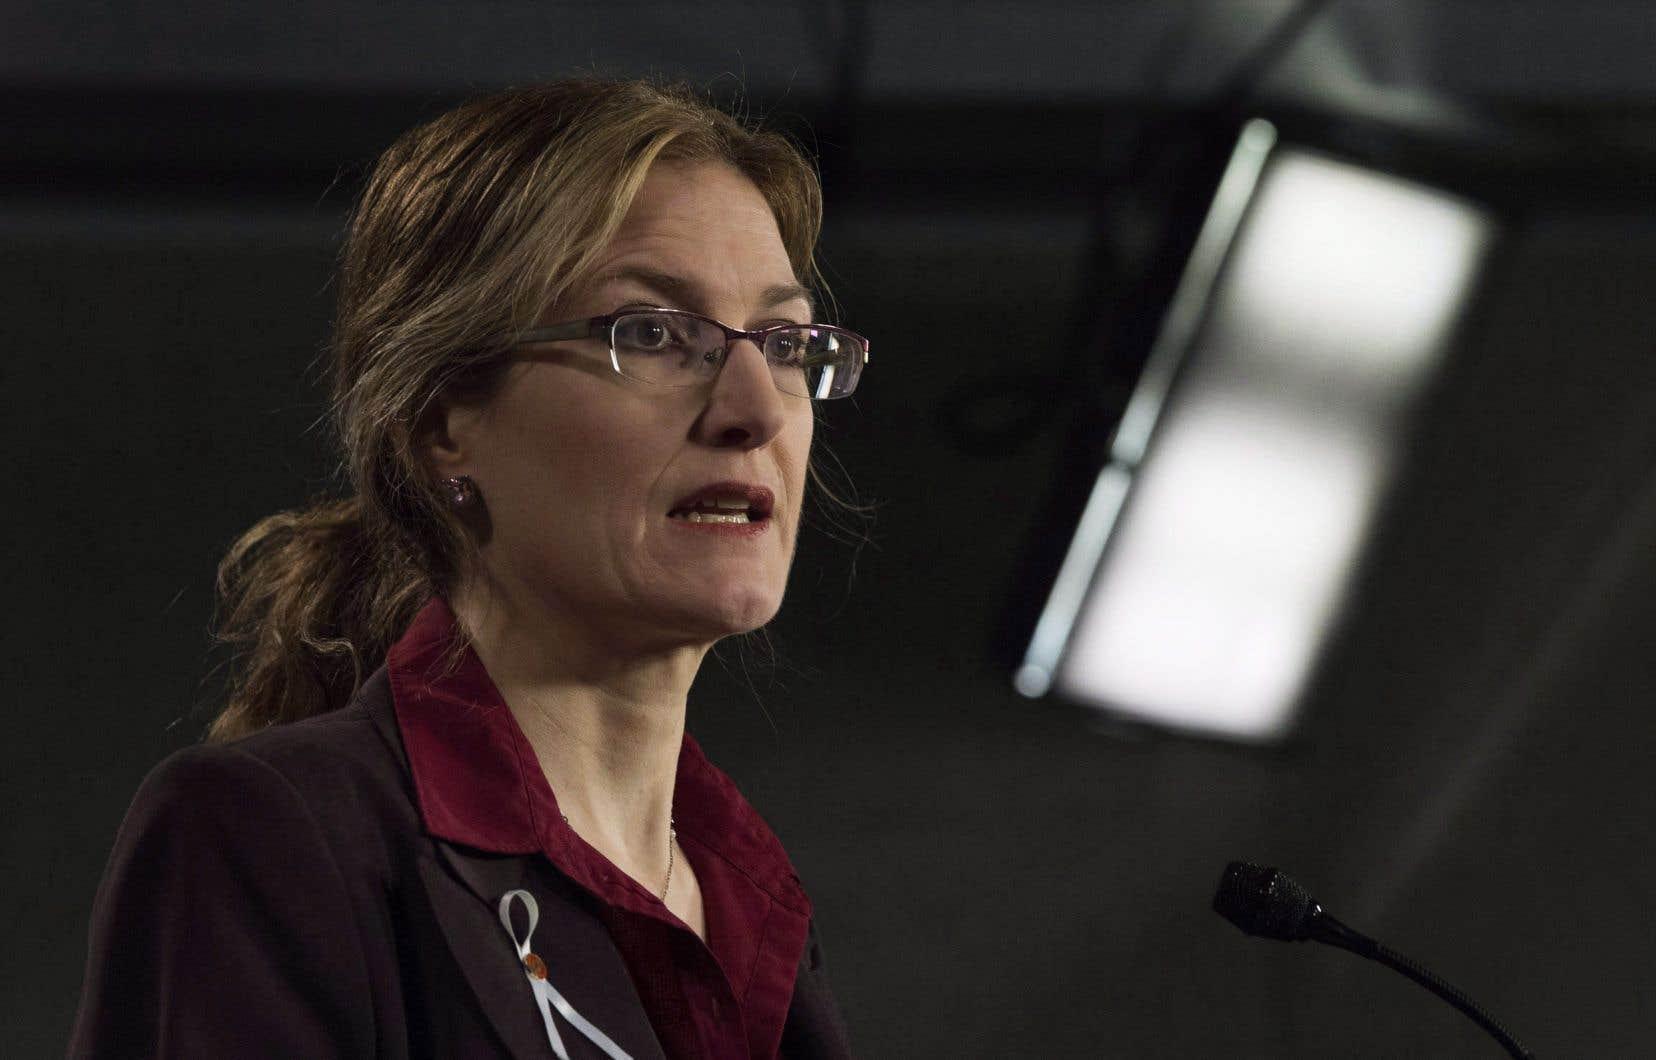 Si le Parti conservateur gagne lors du scrutin de lundi prochain, le lobby des armes aura gagné, estime Heidi Rathjen, coordonnatrice de PolySeSouvient.